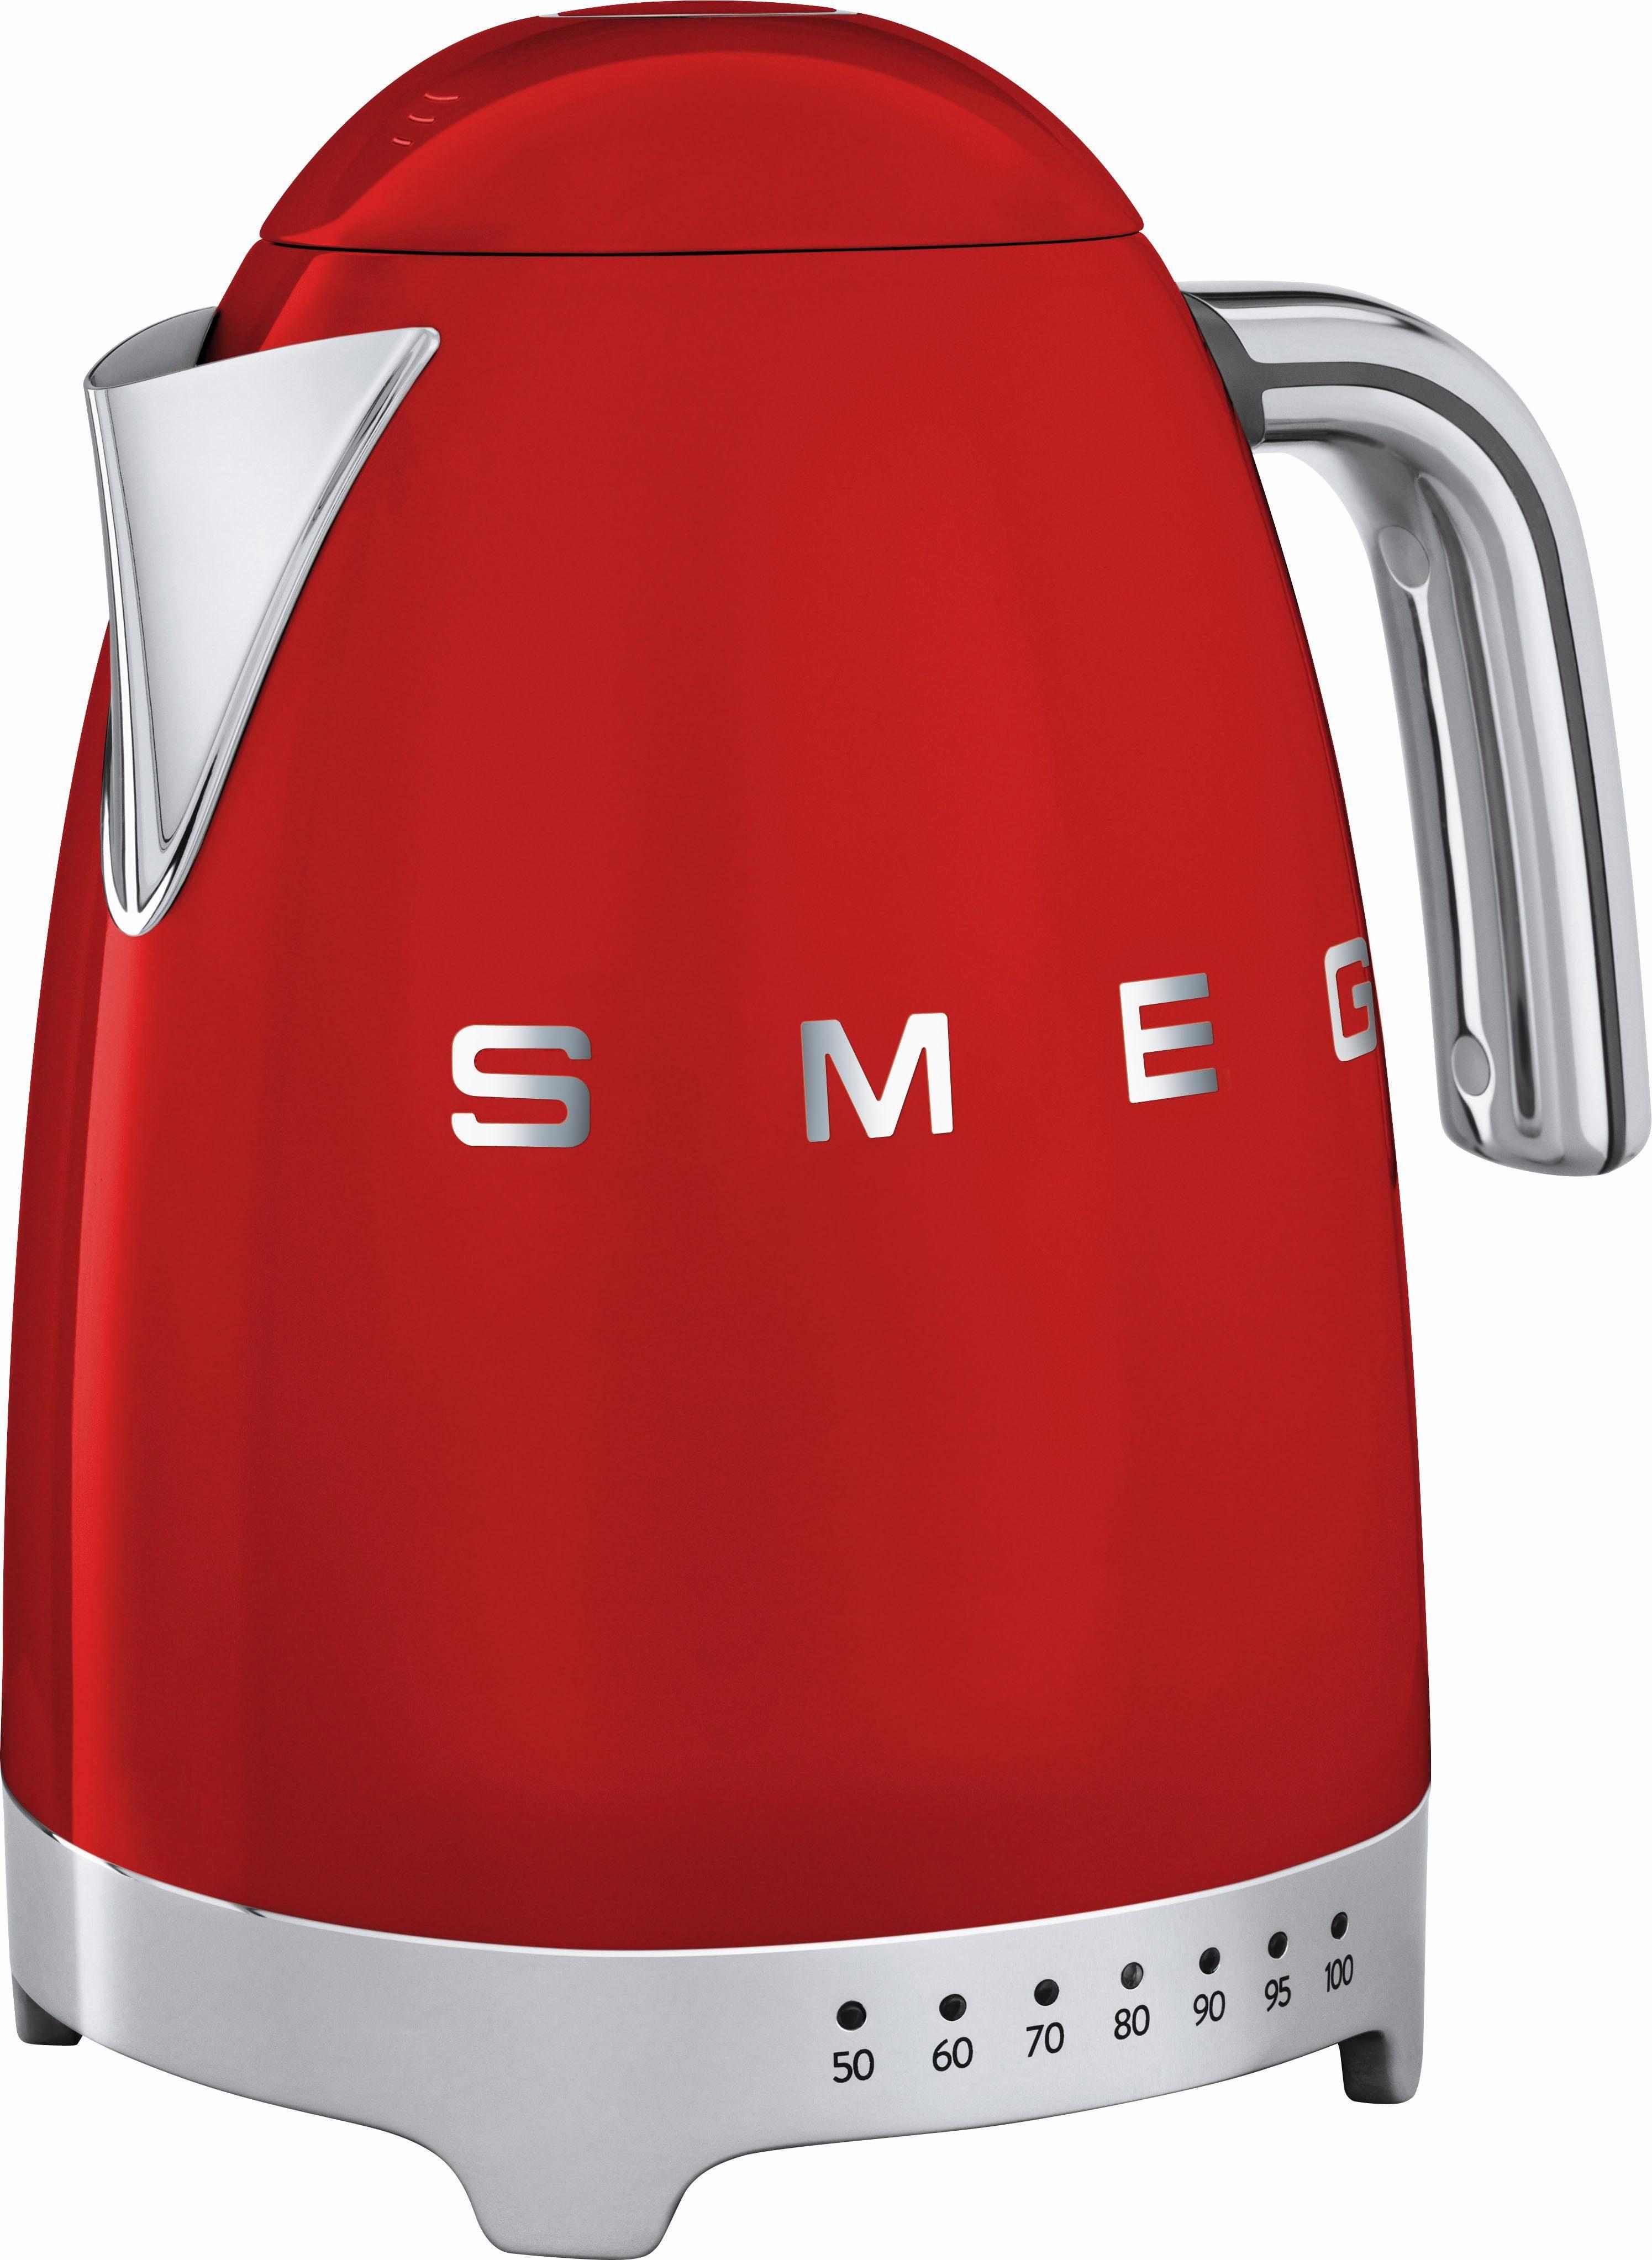 Smeg Wasserkocher KLF02RDEU, 1,7 Liter, 2400 Watt, rot